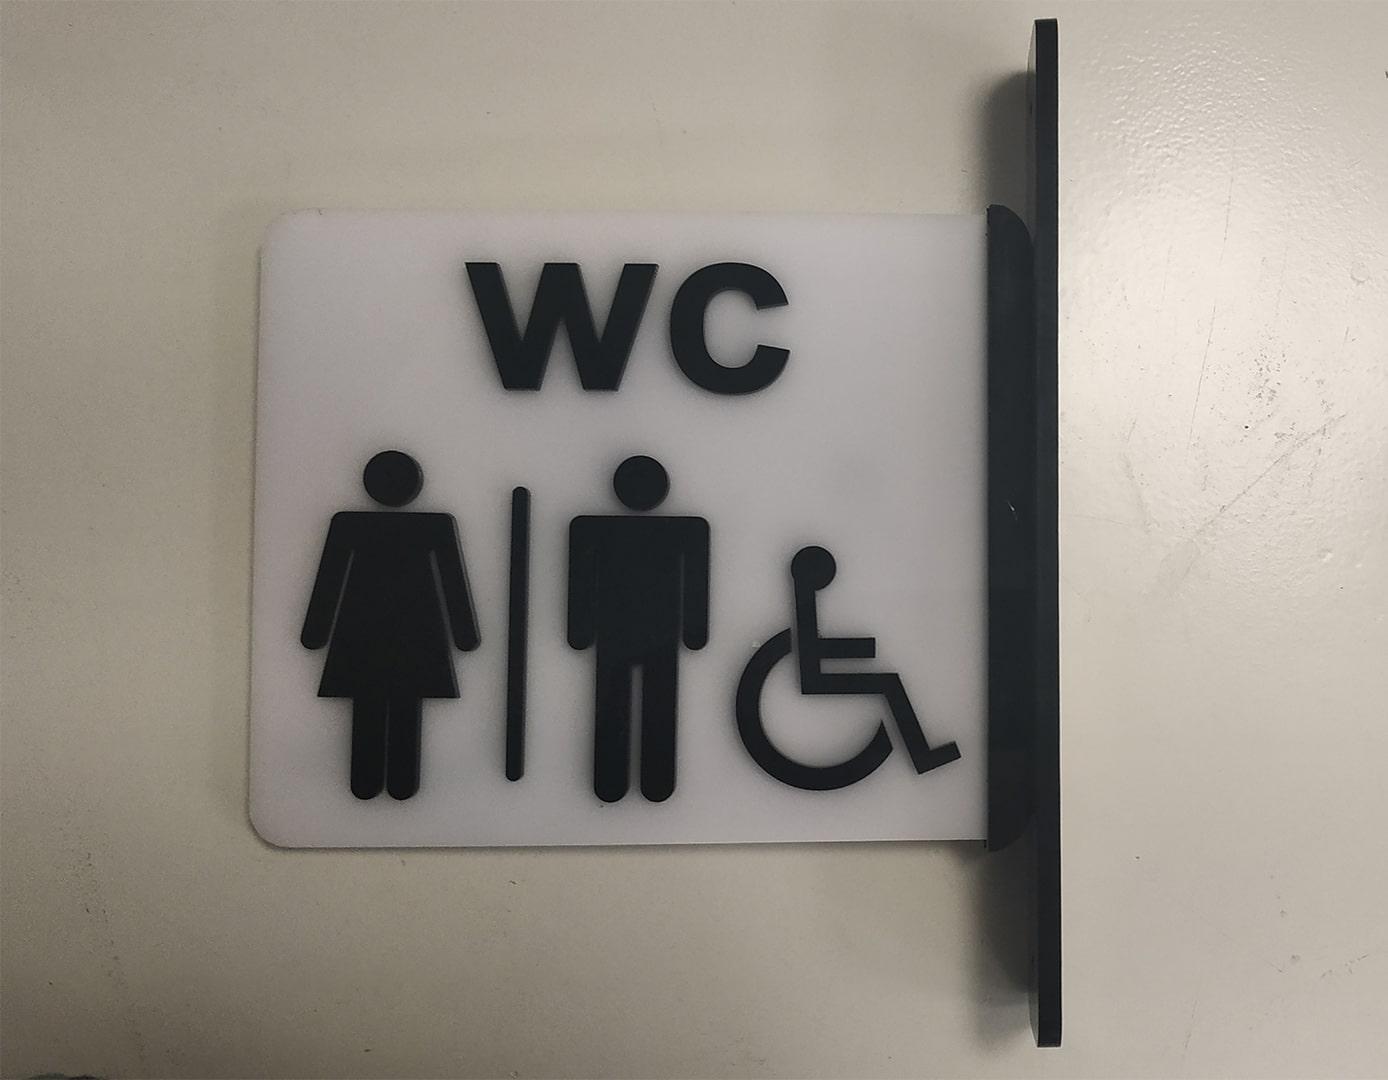 piktogramlı,yönlendirme,wc,tabelası,panoları